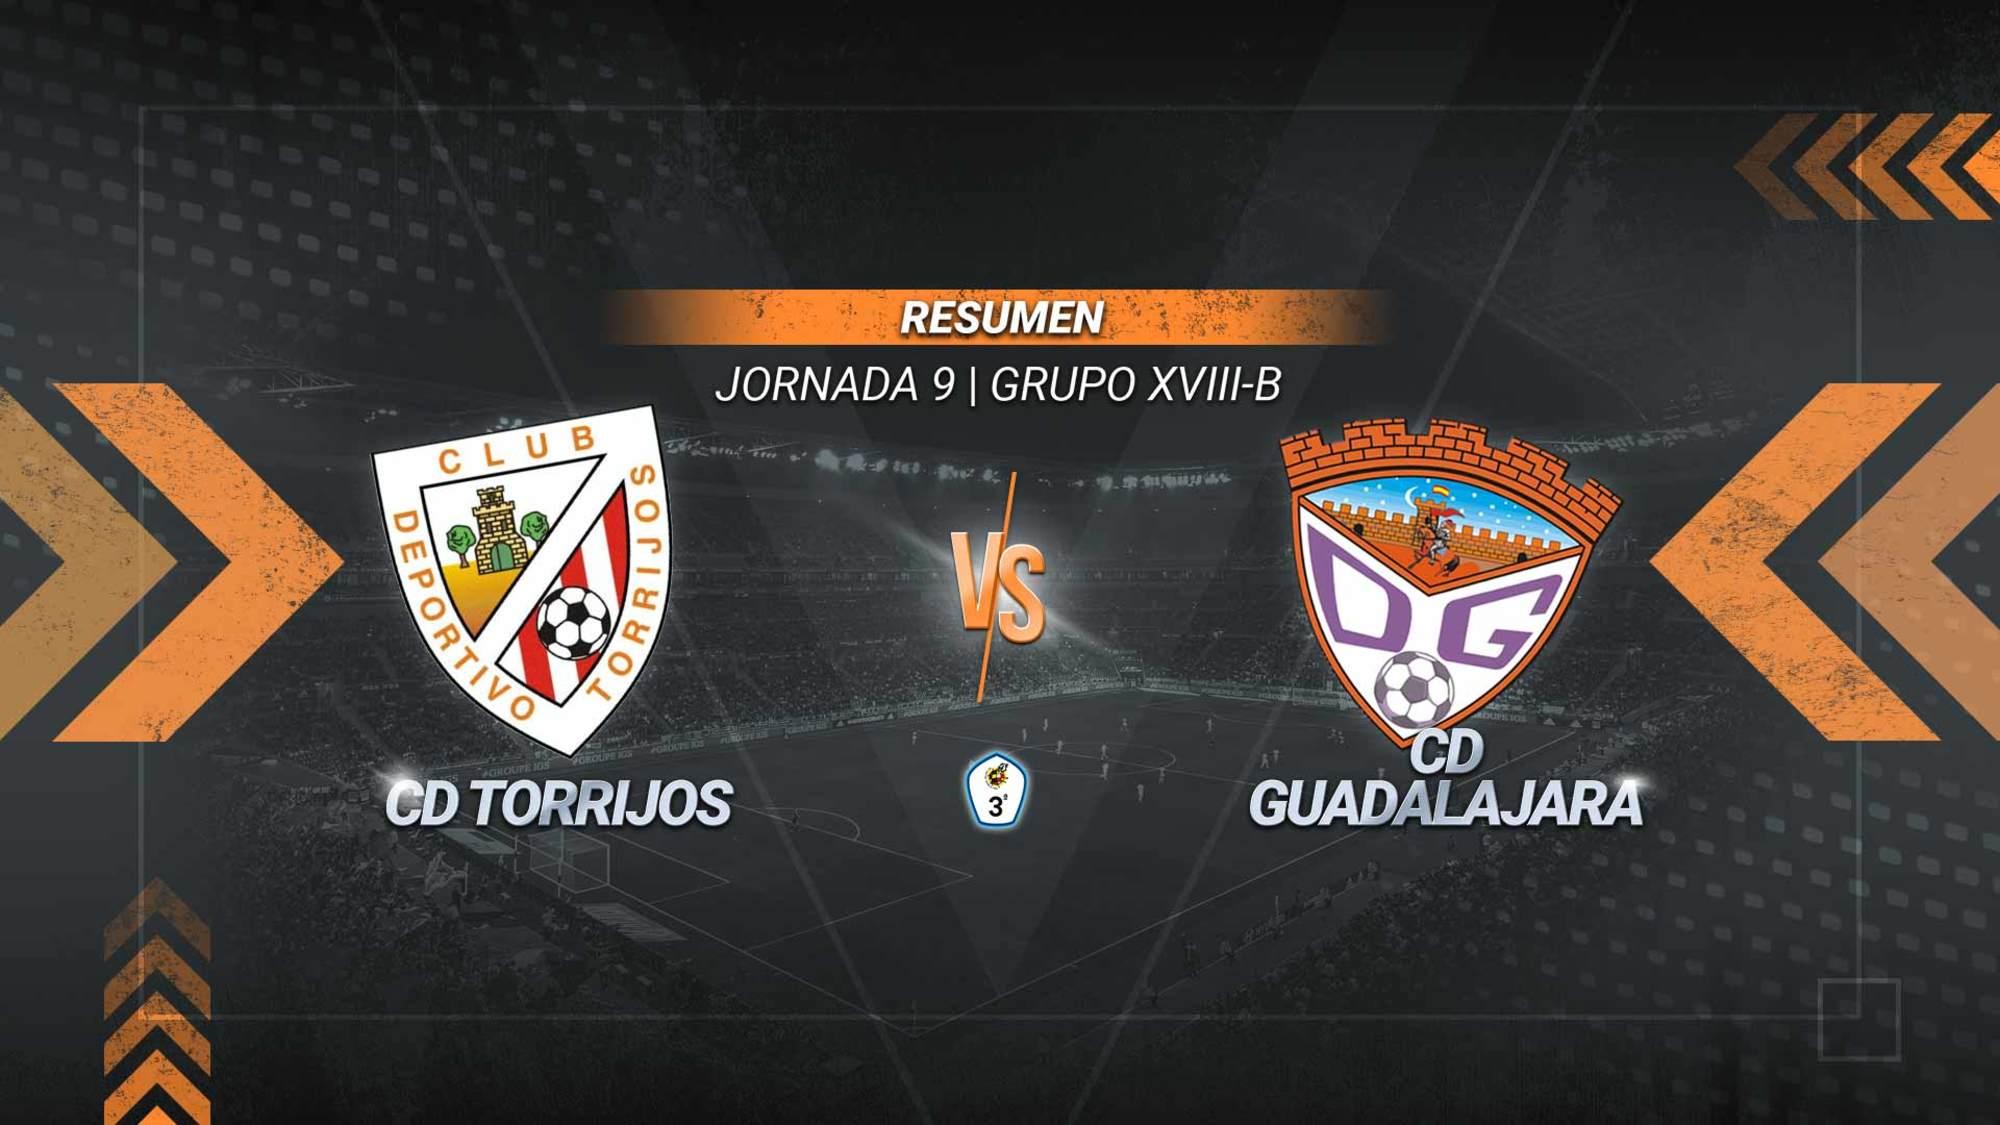 El Torrijos se impone al Guadalajara y le quita el liderato. Un gol de Ángel permite a los locales sumar la segunda victoria de la temporada. Los alcarreños caen a la cuarta plaza.